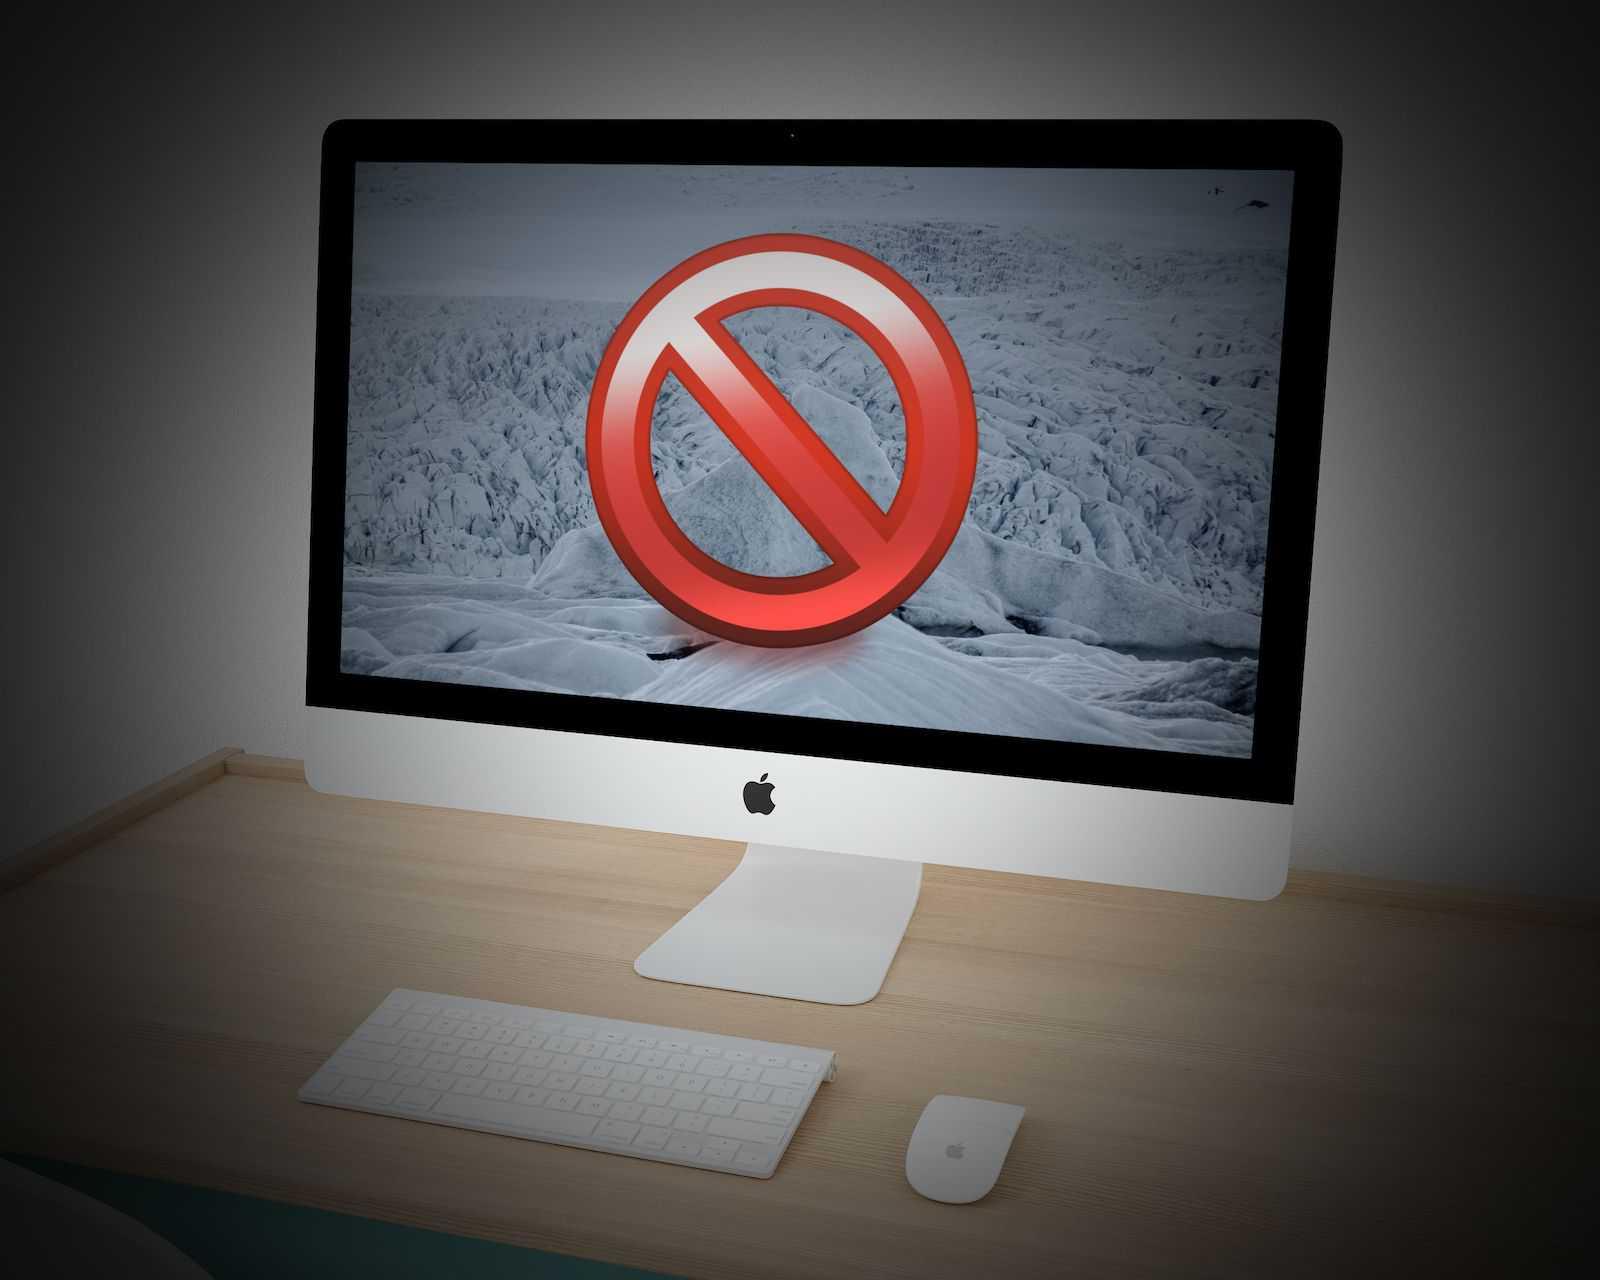 Macでアプリやプロセスを強制終了する4つの方法-アイキャッチ